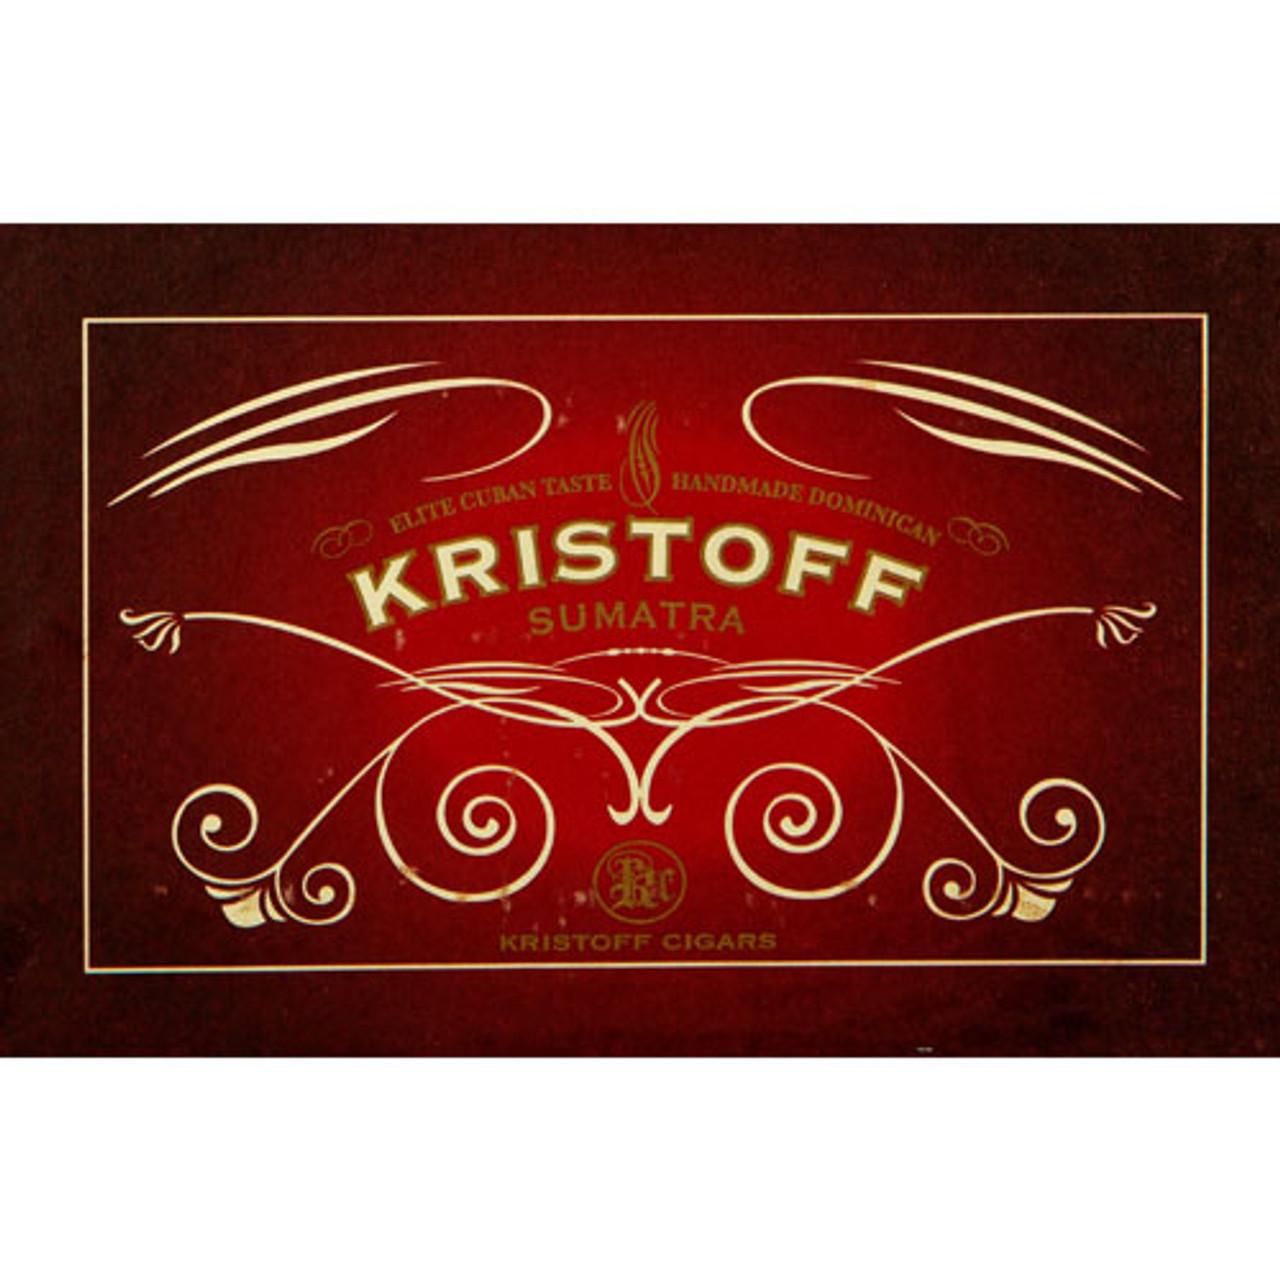 Kristoff Sumatra Robusto Cigars - 5.5 x 54 (Box of 20)